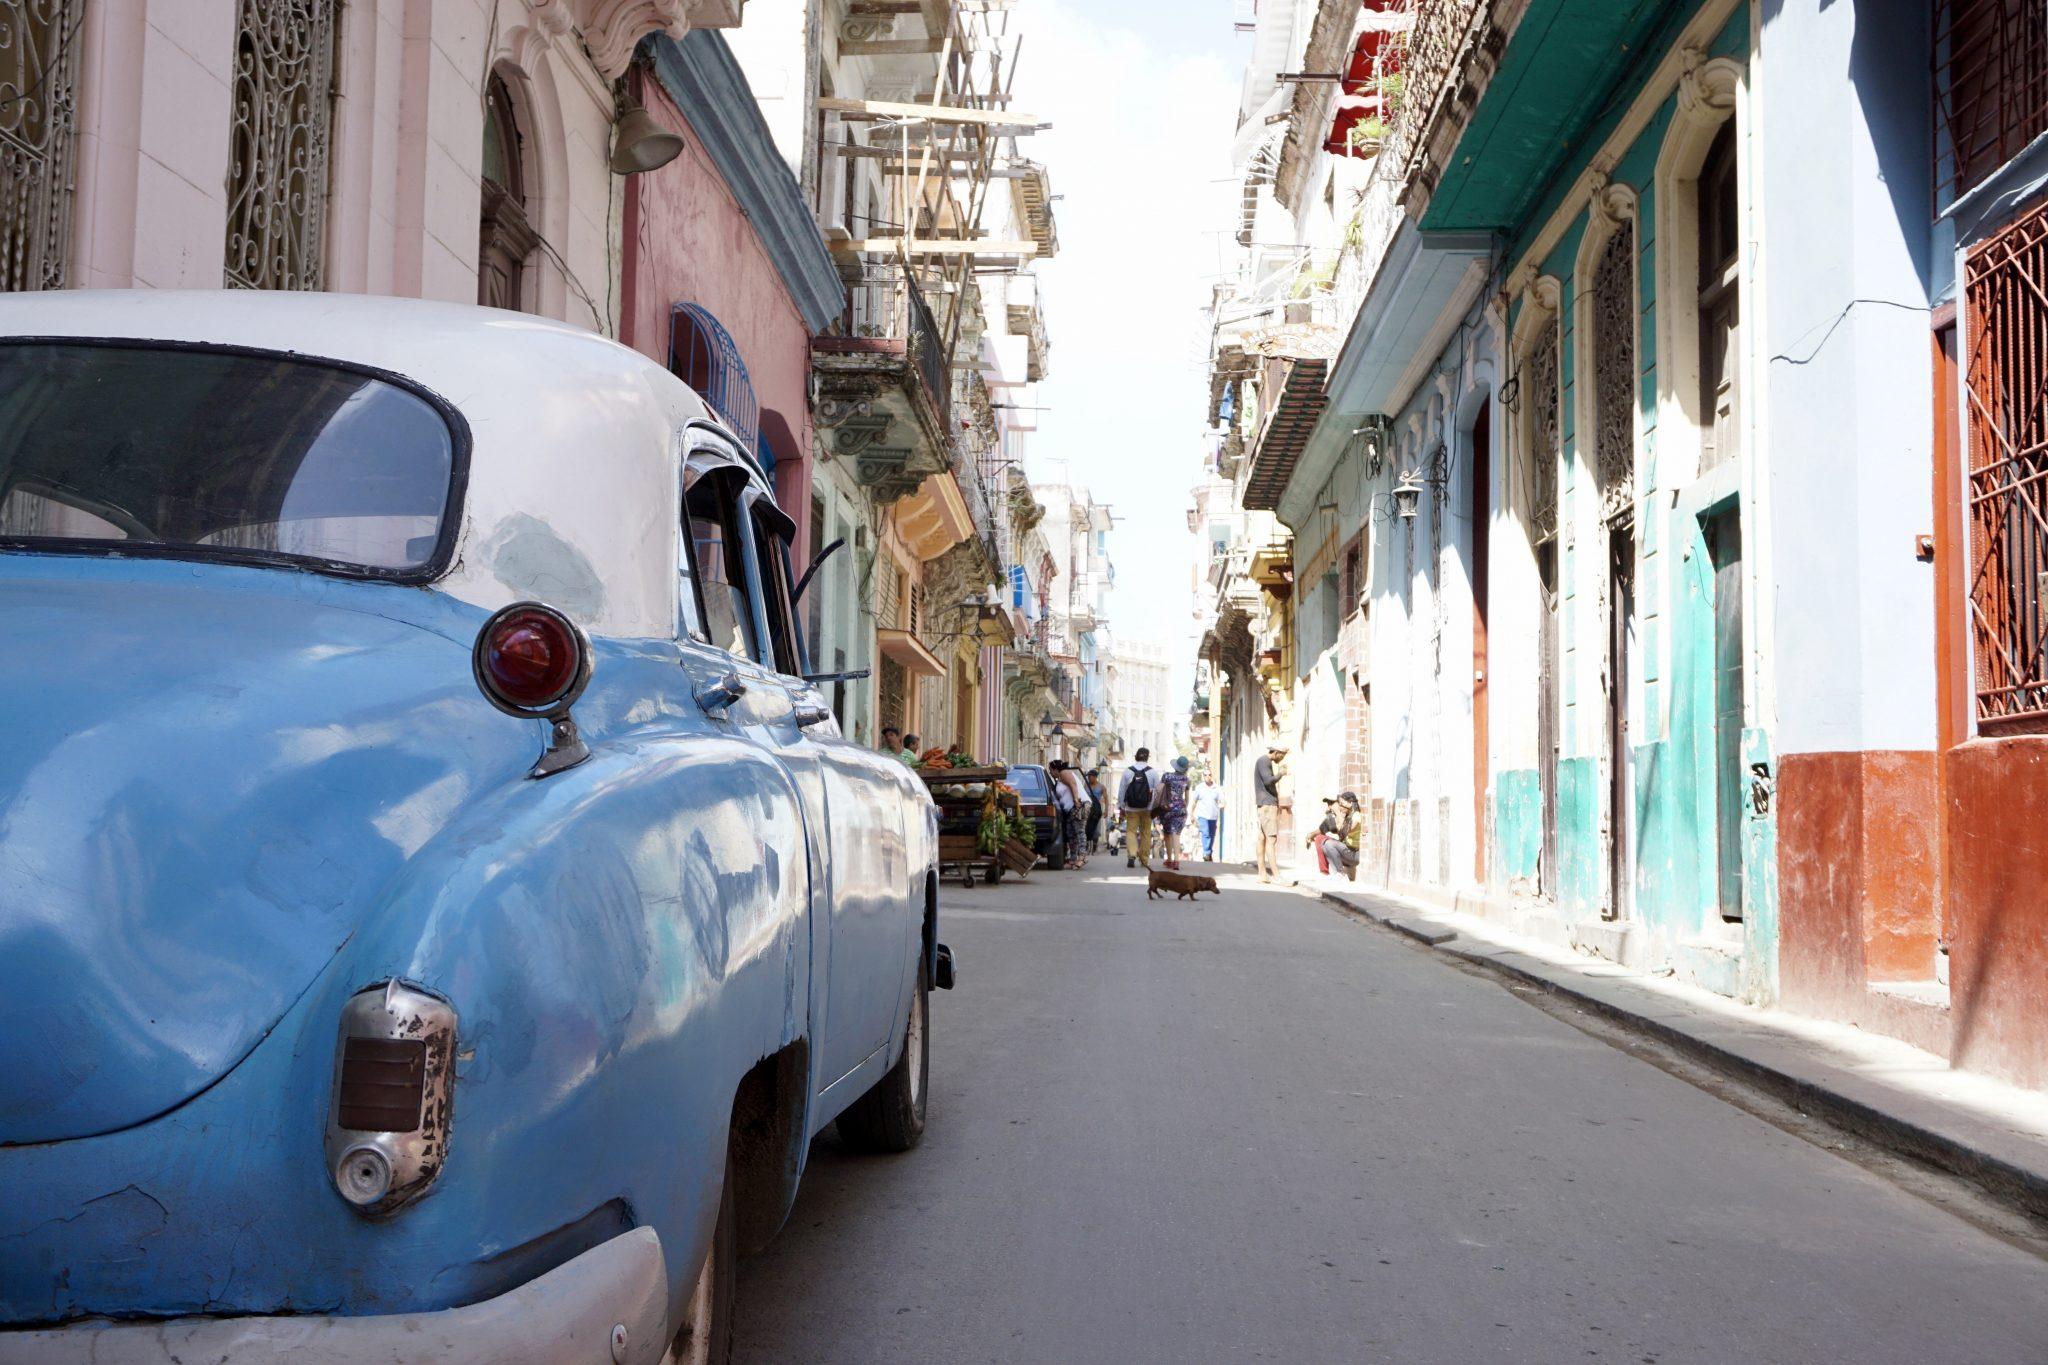 Havana, Cub, classic car